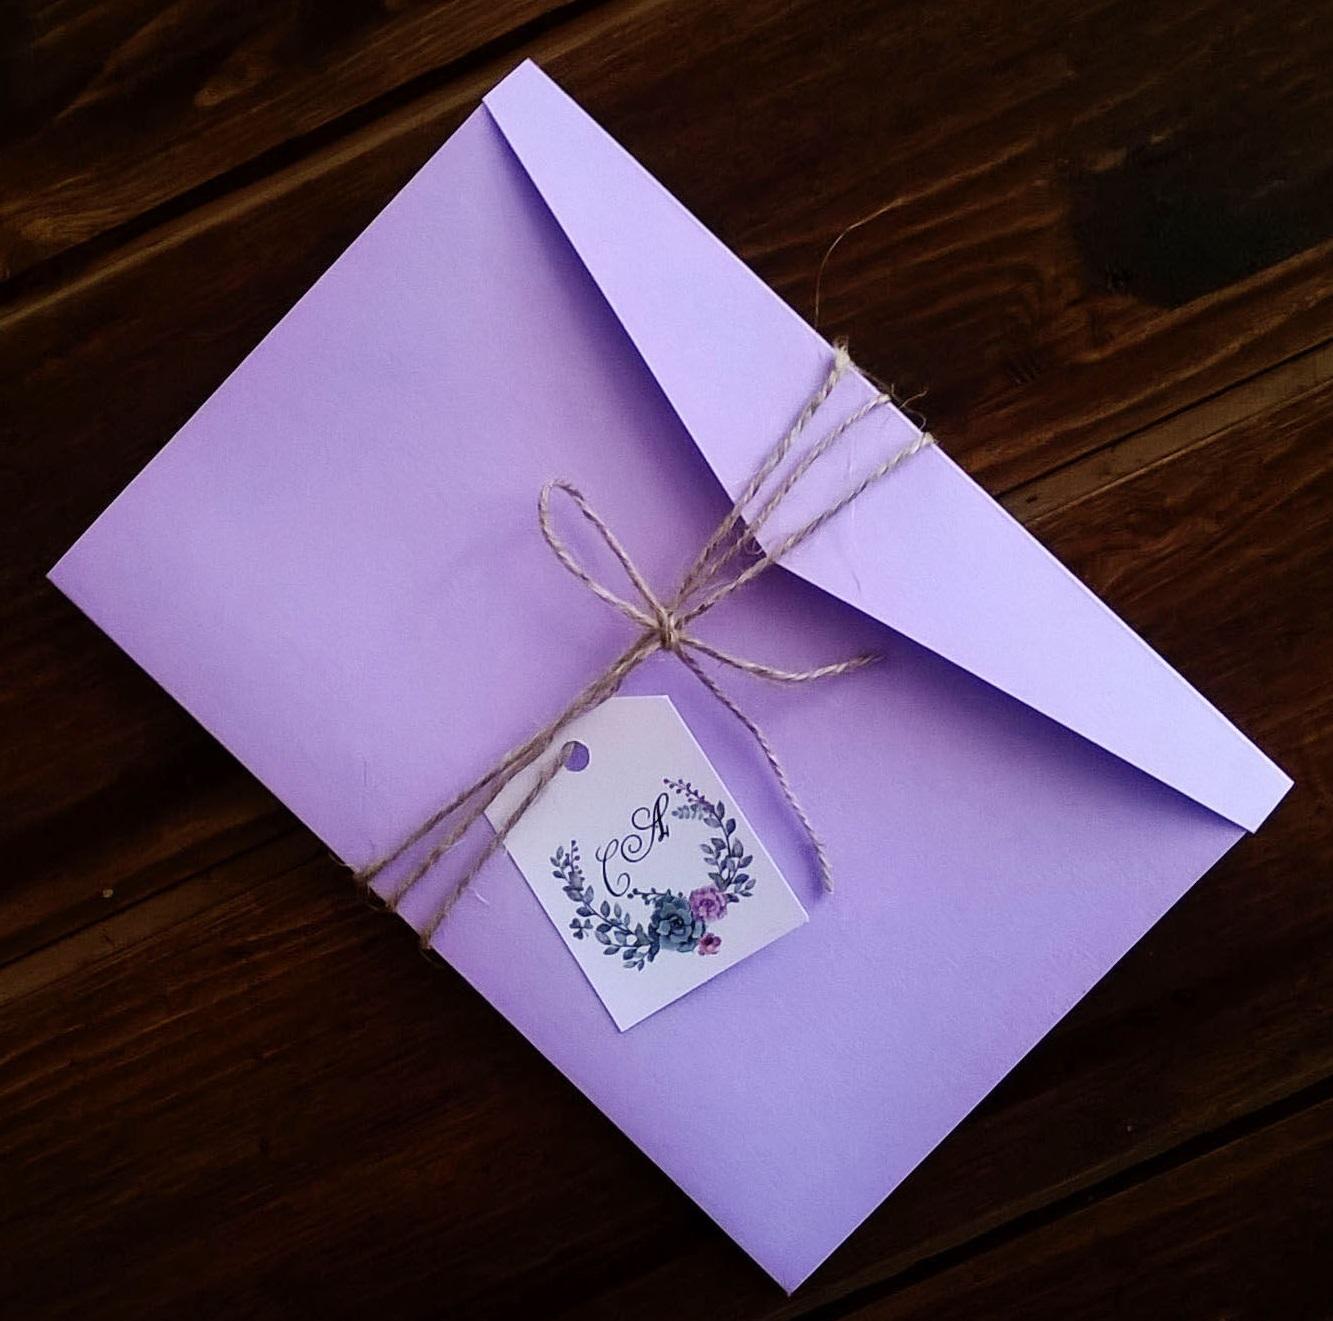 Изготовление свадебных пригласительных конвертов в Москве | фото 5